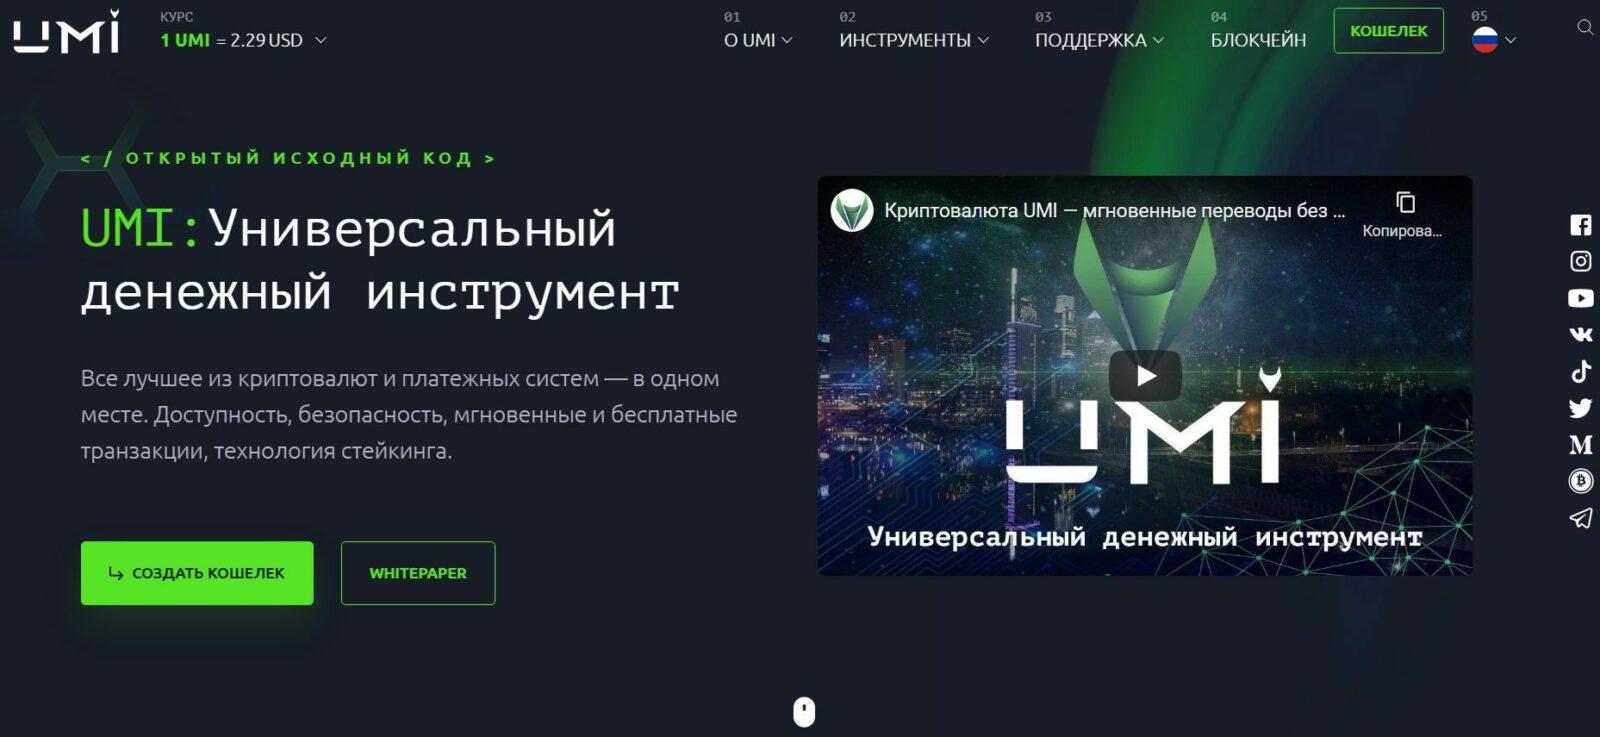 Сайт Криптовалюта UMI